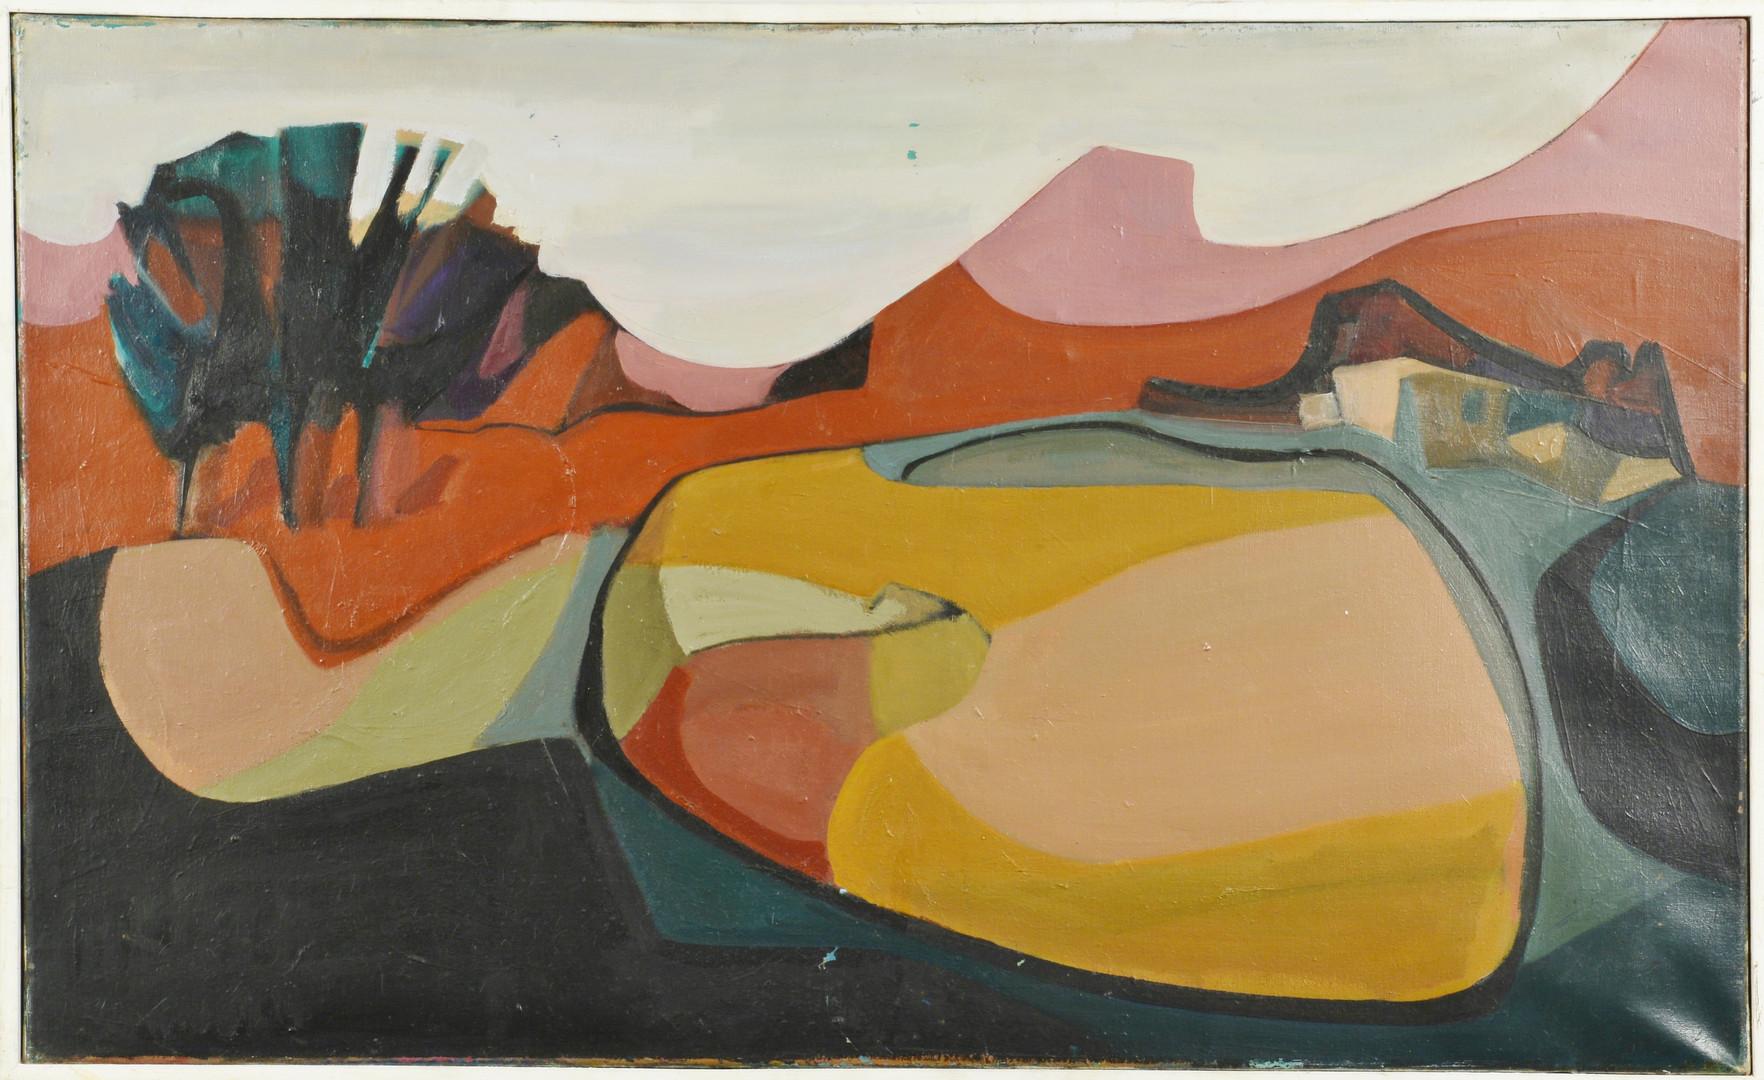 Lot 589: Lilli Palmer, Two Cubist Oils